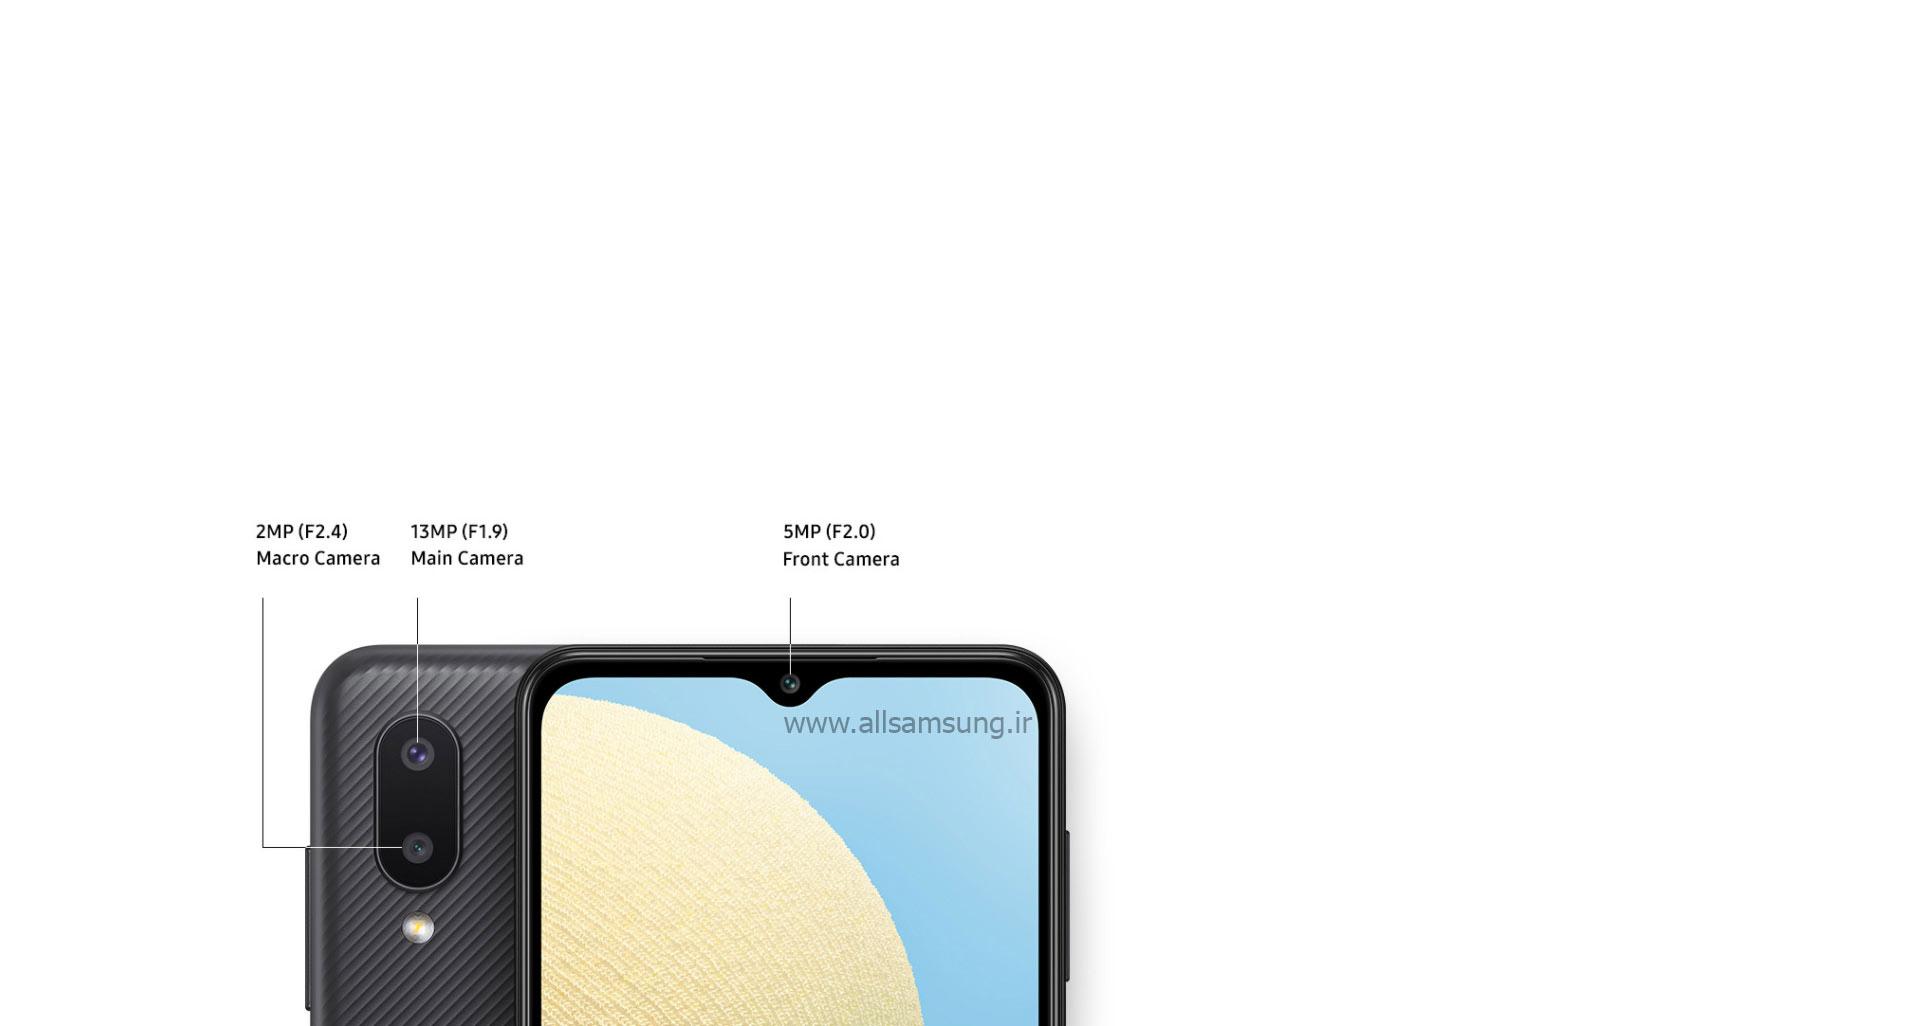 قیمت گوشی a02 2021